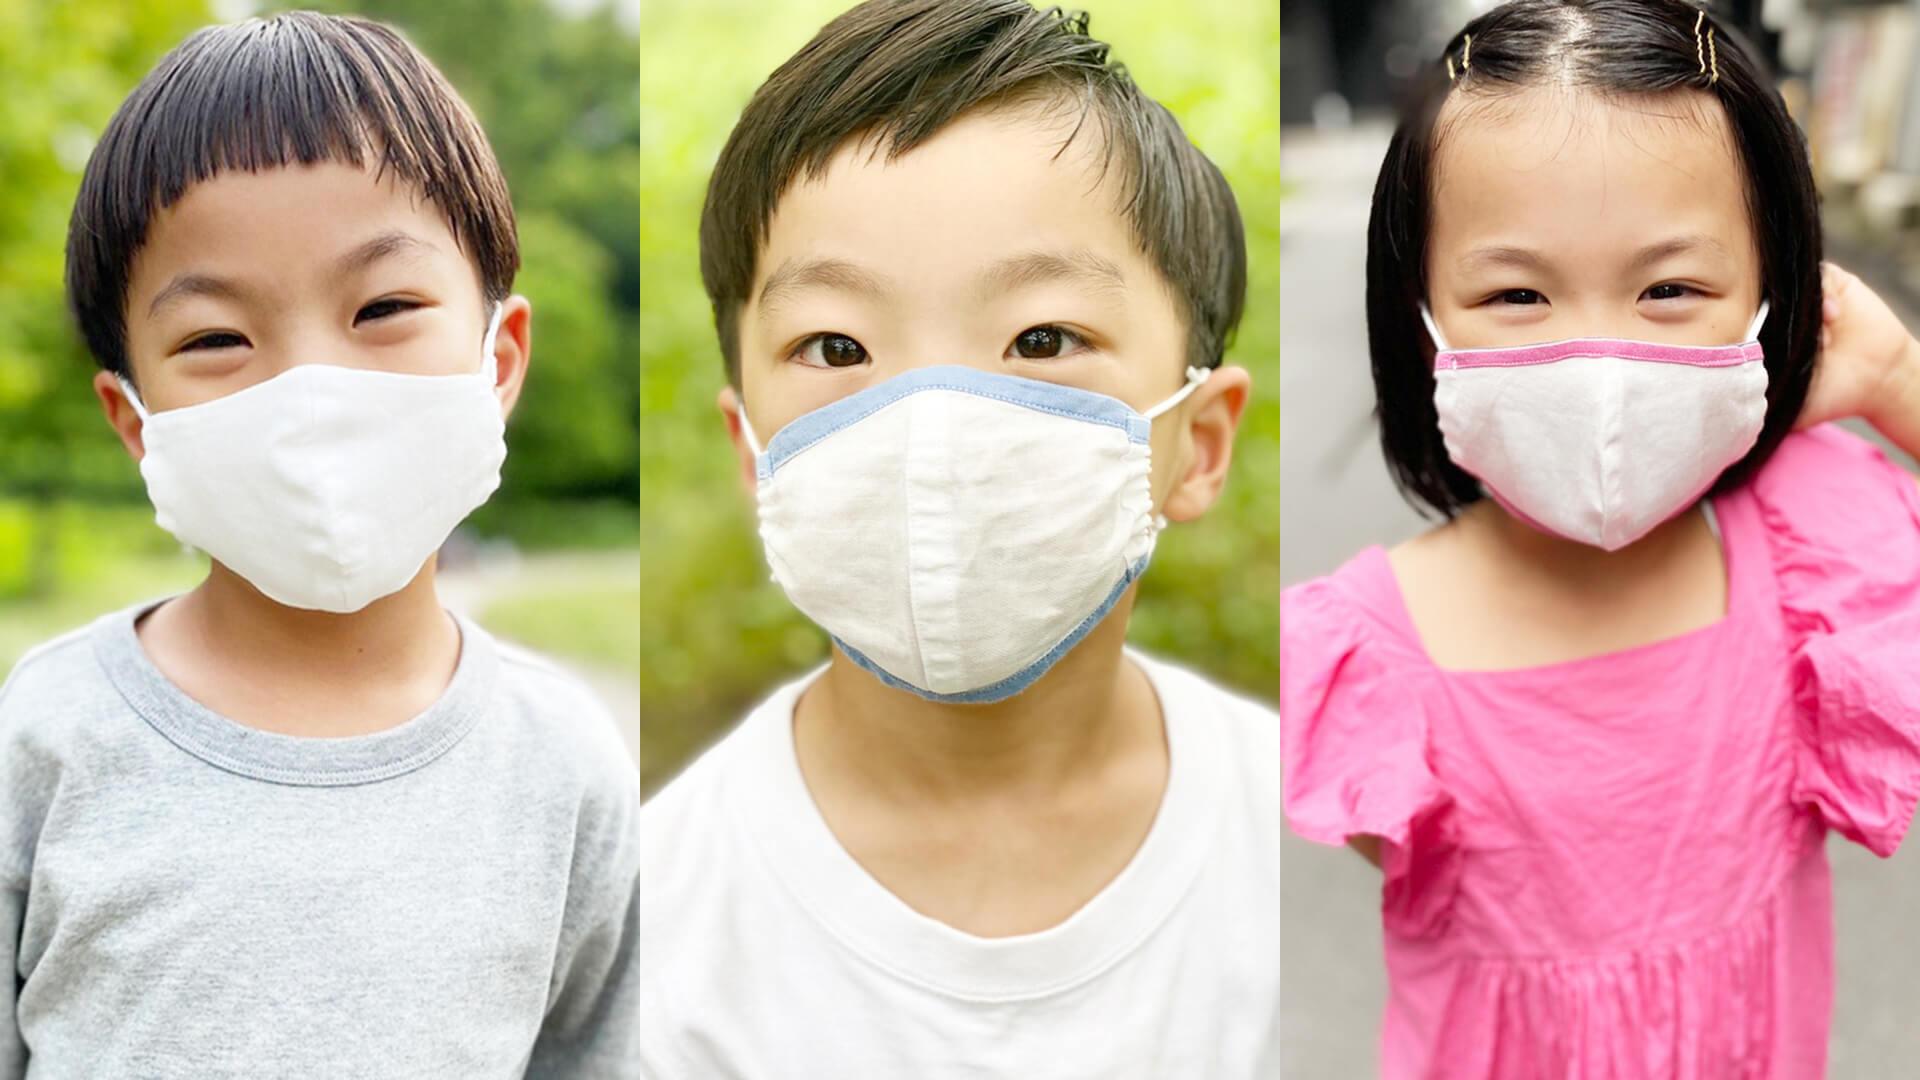 お気に入りの服や生地を持ち込んでマスクを作ろう!進化型古着屋・森がオーダーメイドマスクの受注サービスを開始 lf200619_mask_mori_19